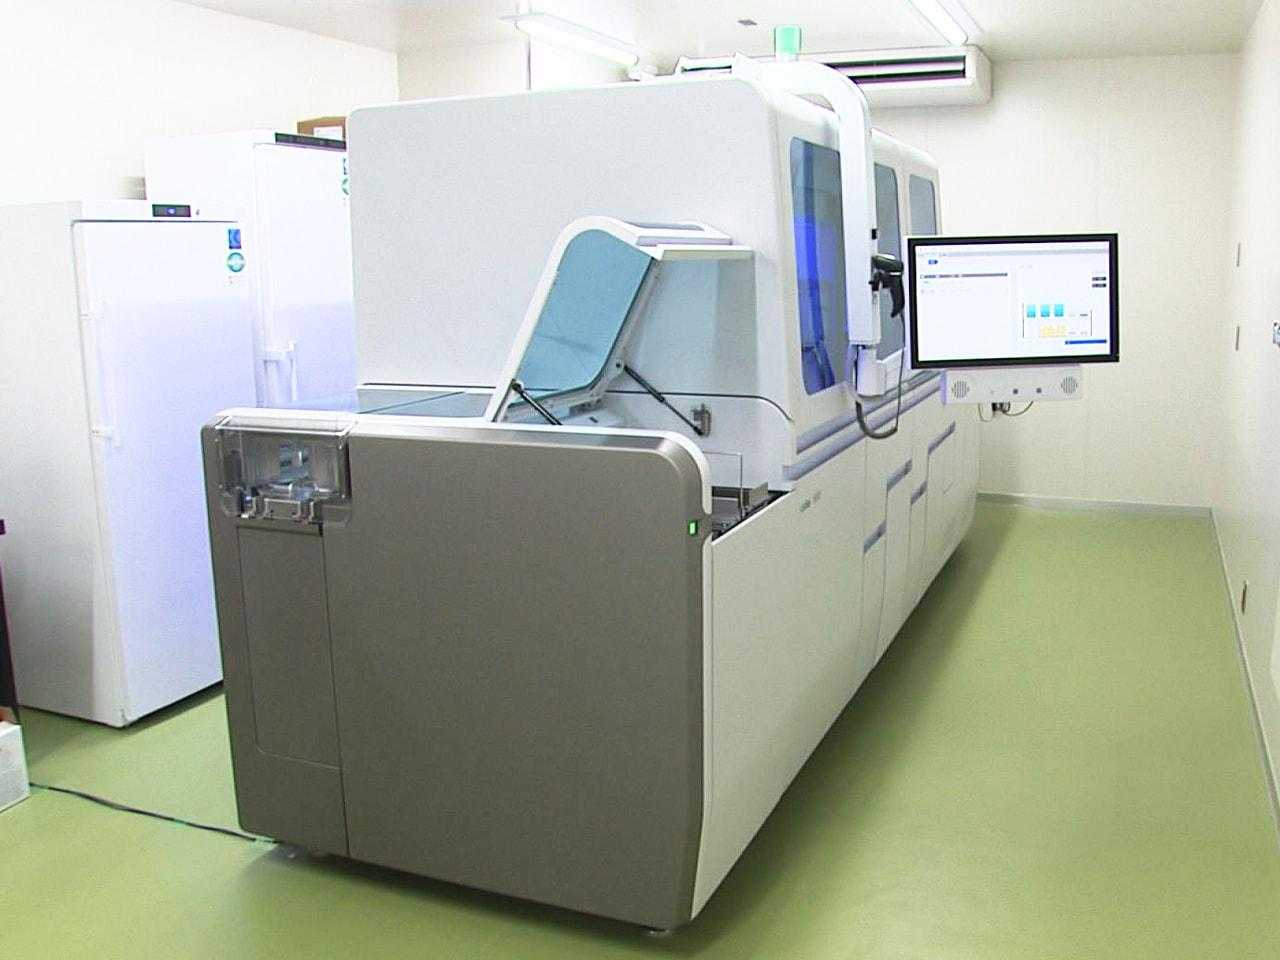 新型コロナウイルスの検査体制の充実を図るため6日、岐阜県は全国の都道府県では初め...